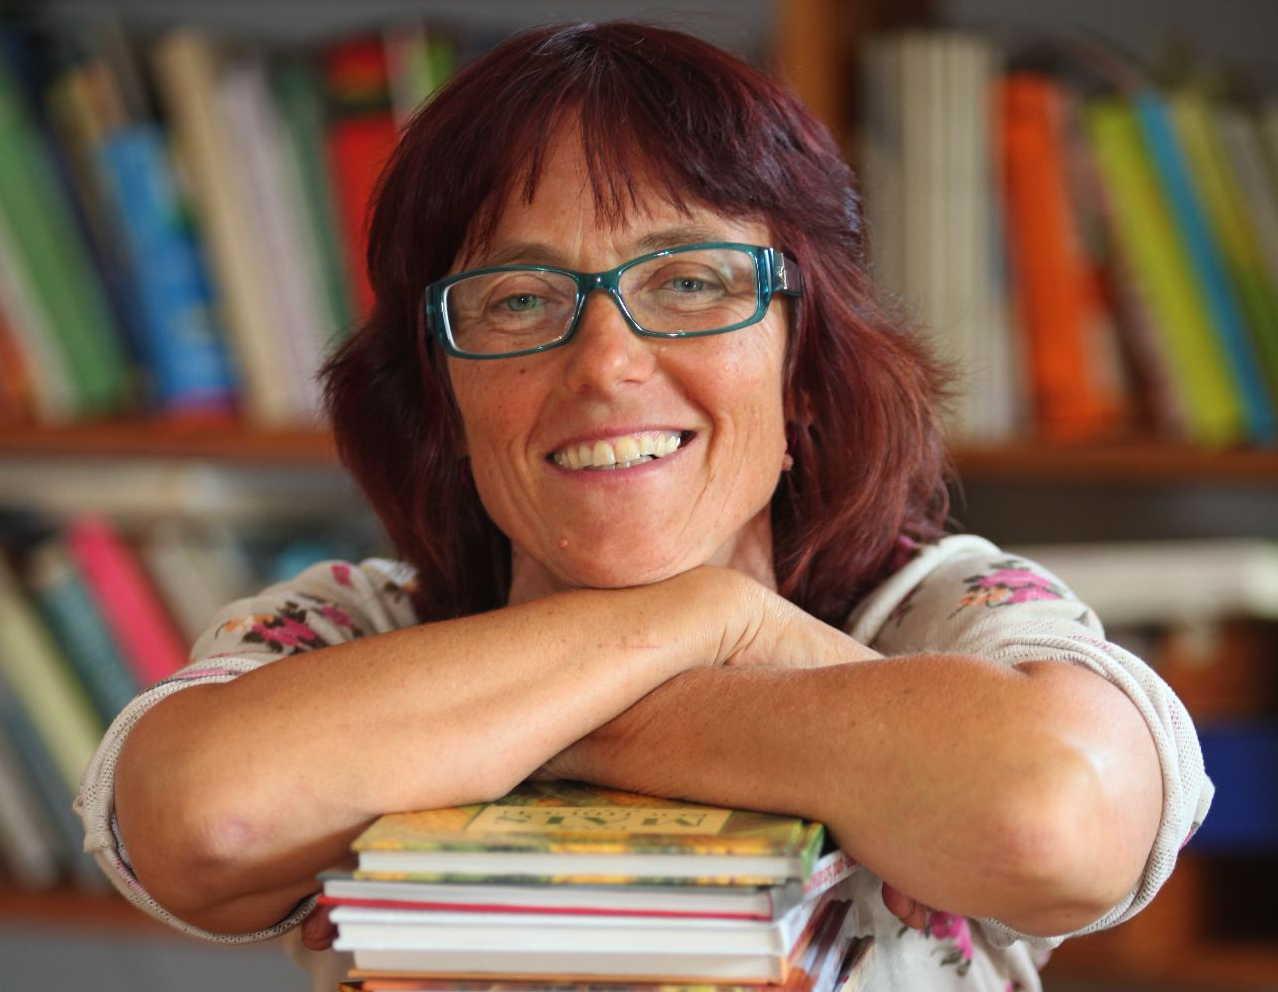 Erica Bänziger Portrait